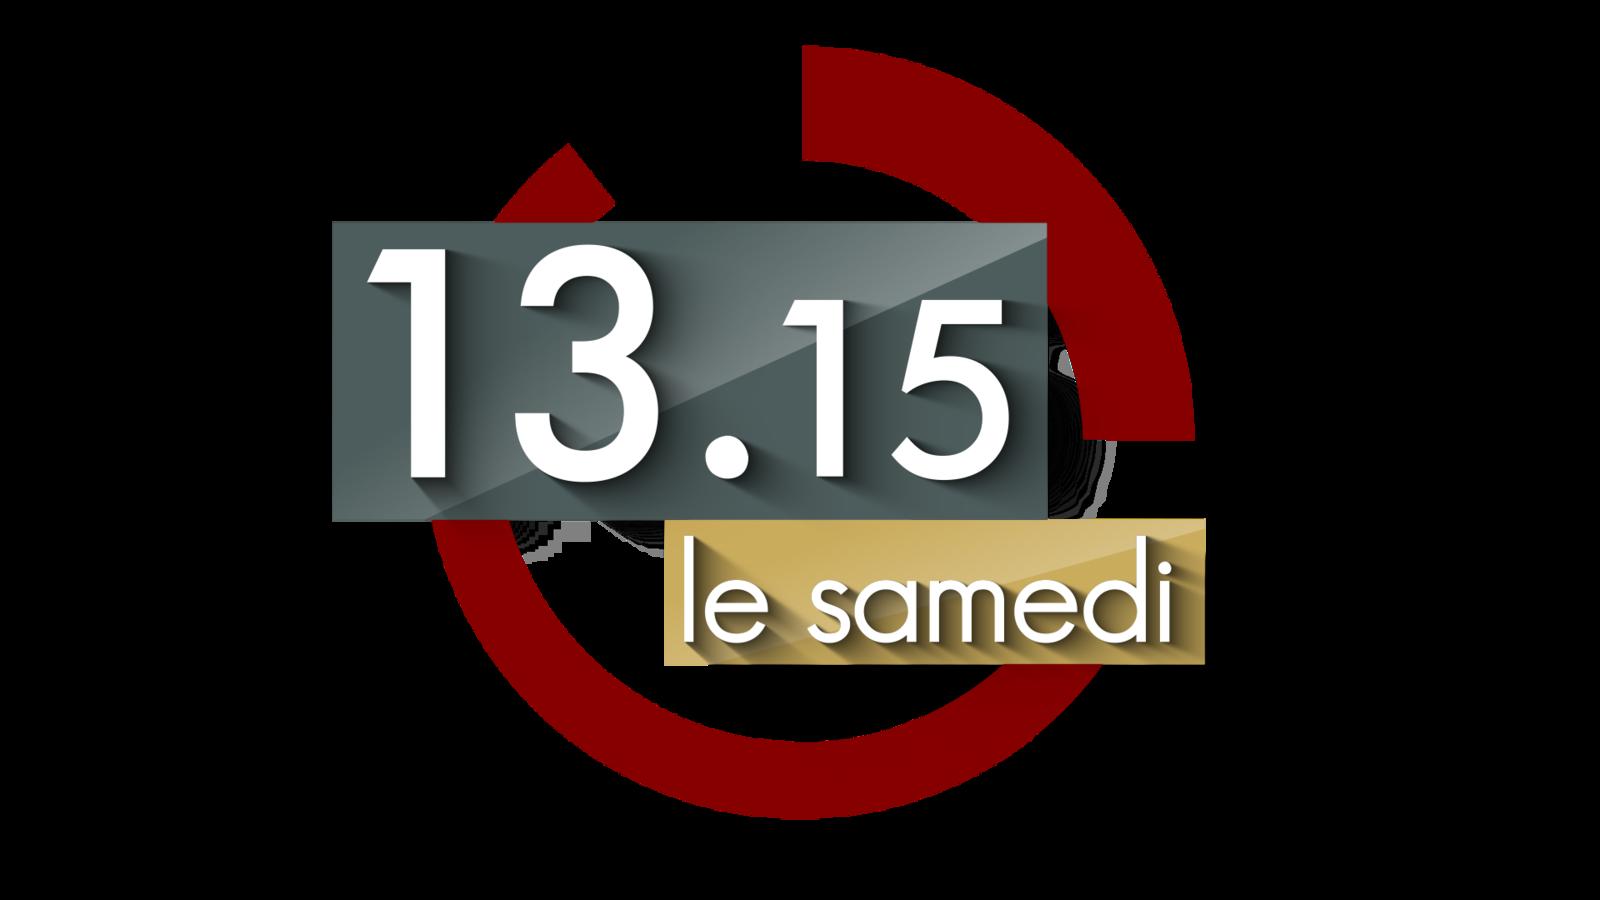 En première ligne : une immersion diffusée ce samedi à 13H15 sur France 2.